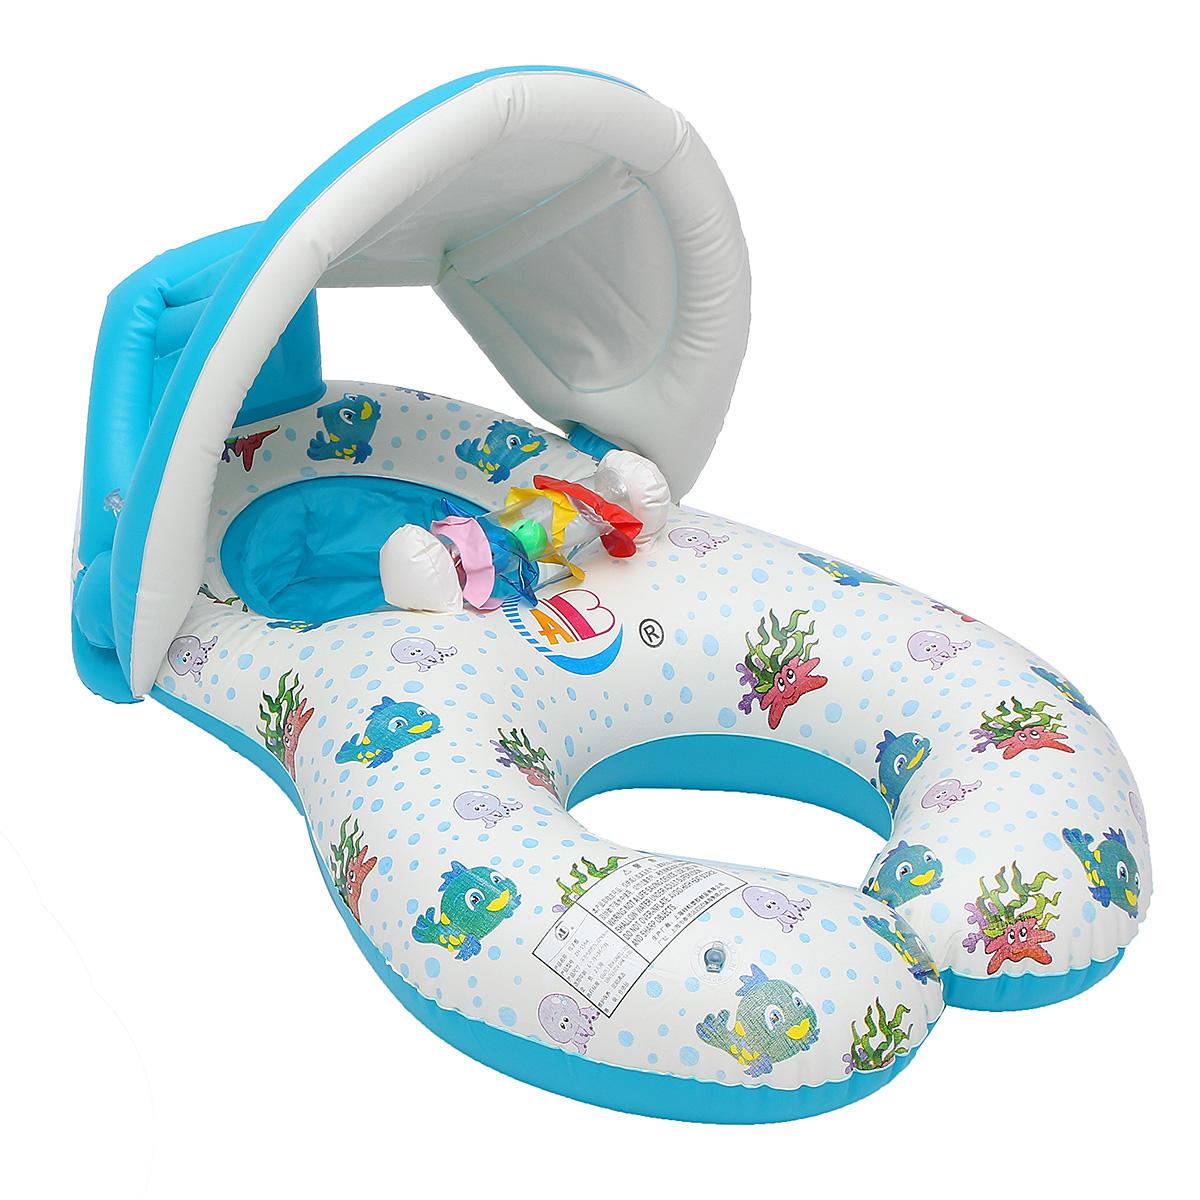 Ipree ™ Gonflable Mère Bébé Bague De Natation Piscine Natation Eau Siège  Flotteur Avec Canopée Parasol concernant Piscine Avec Siege